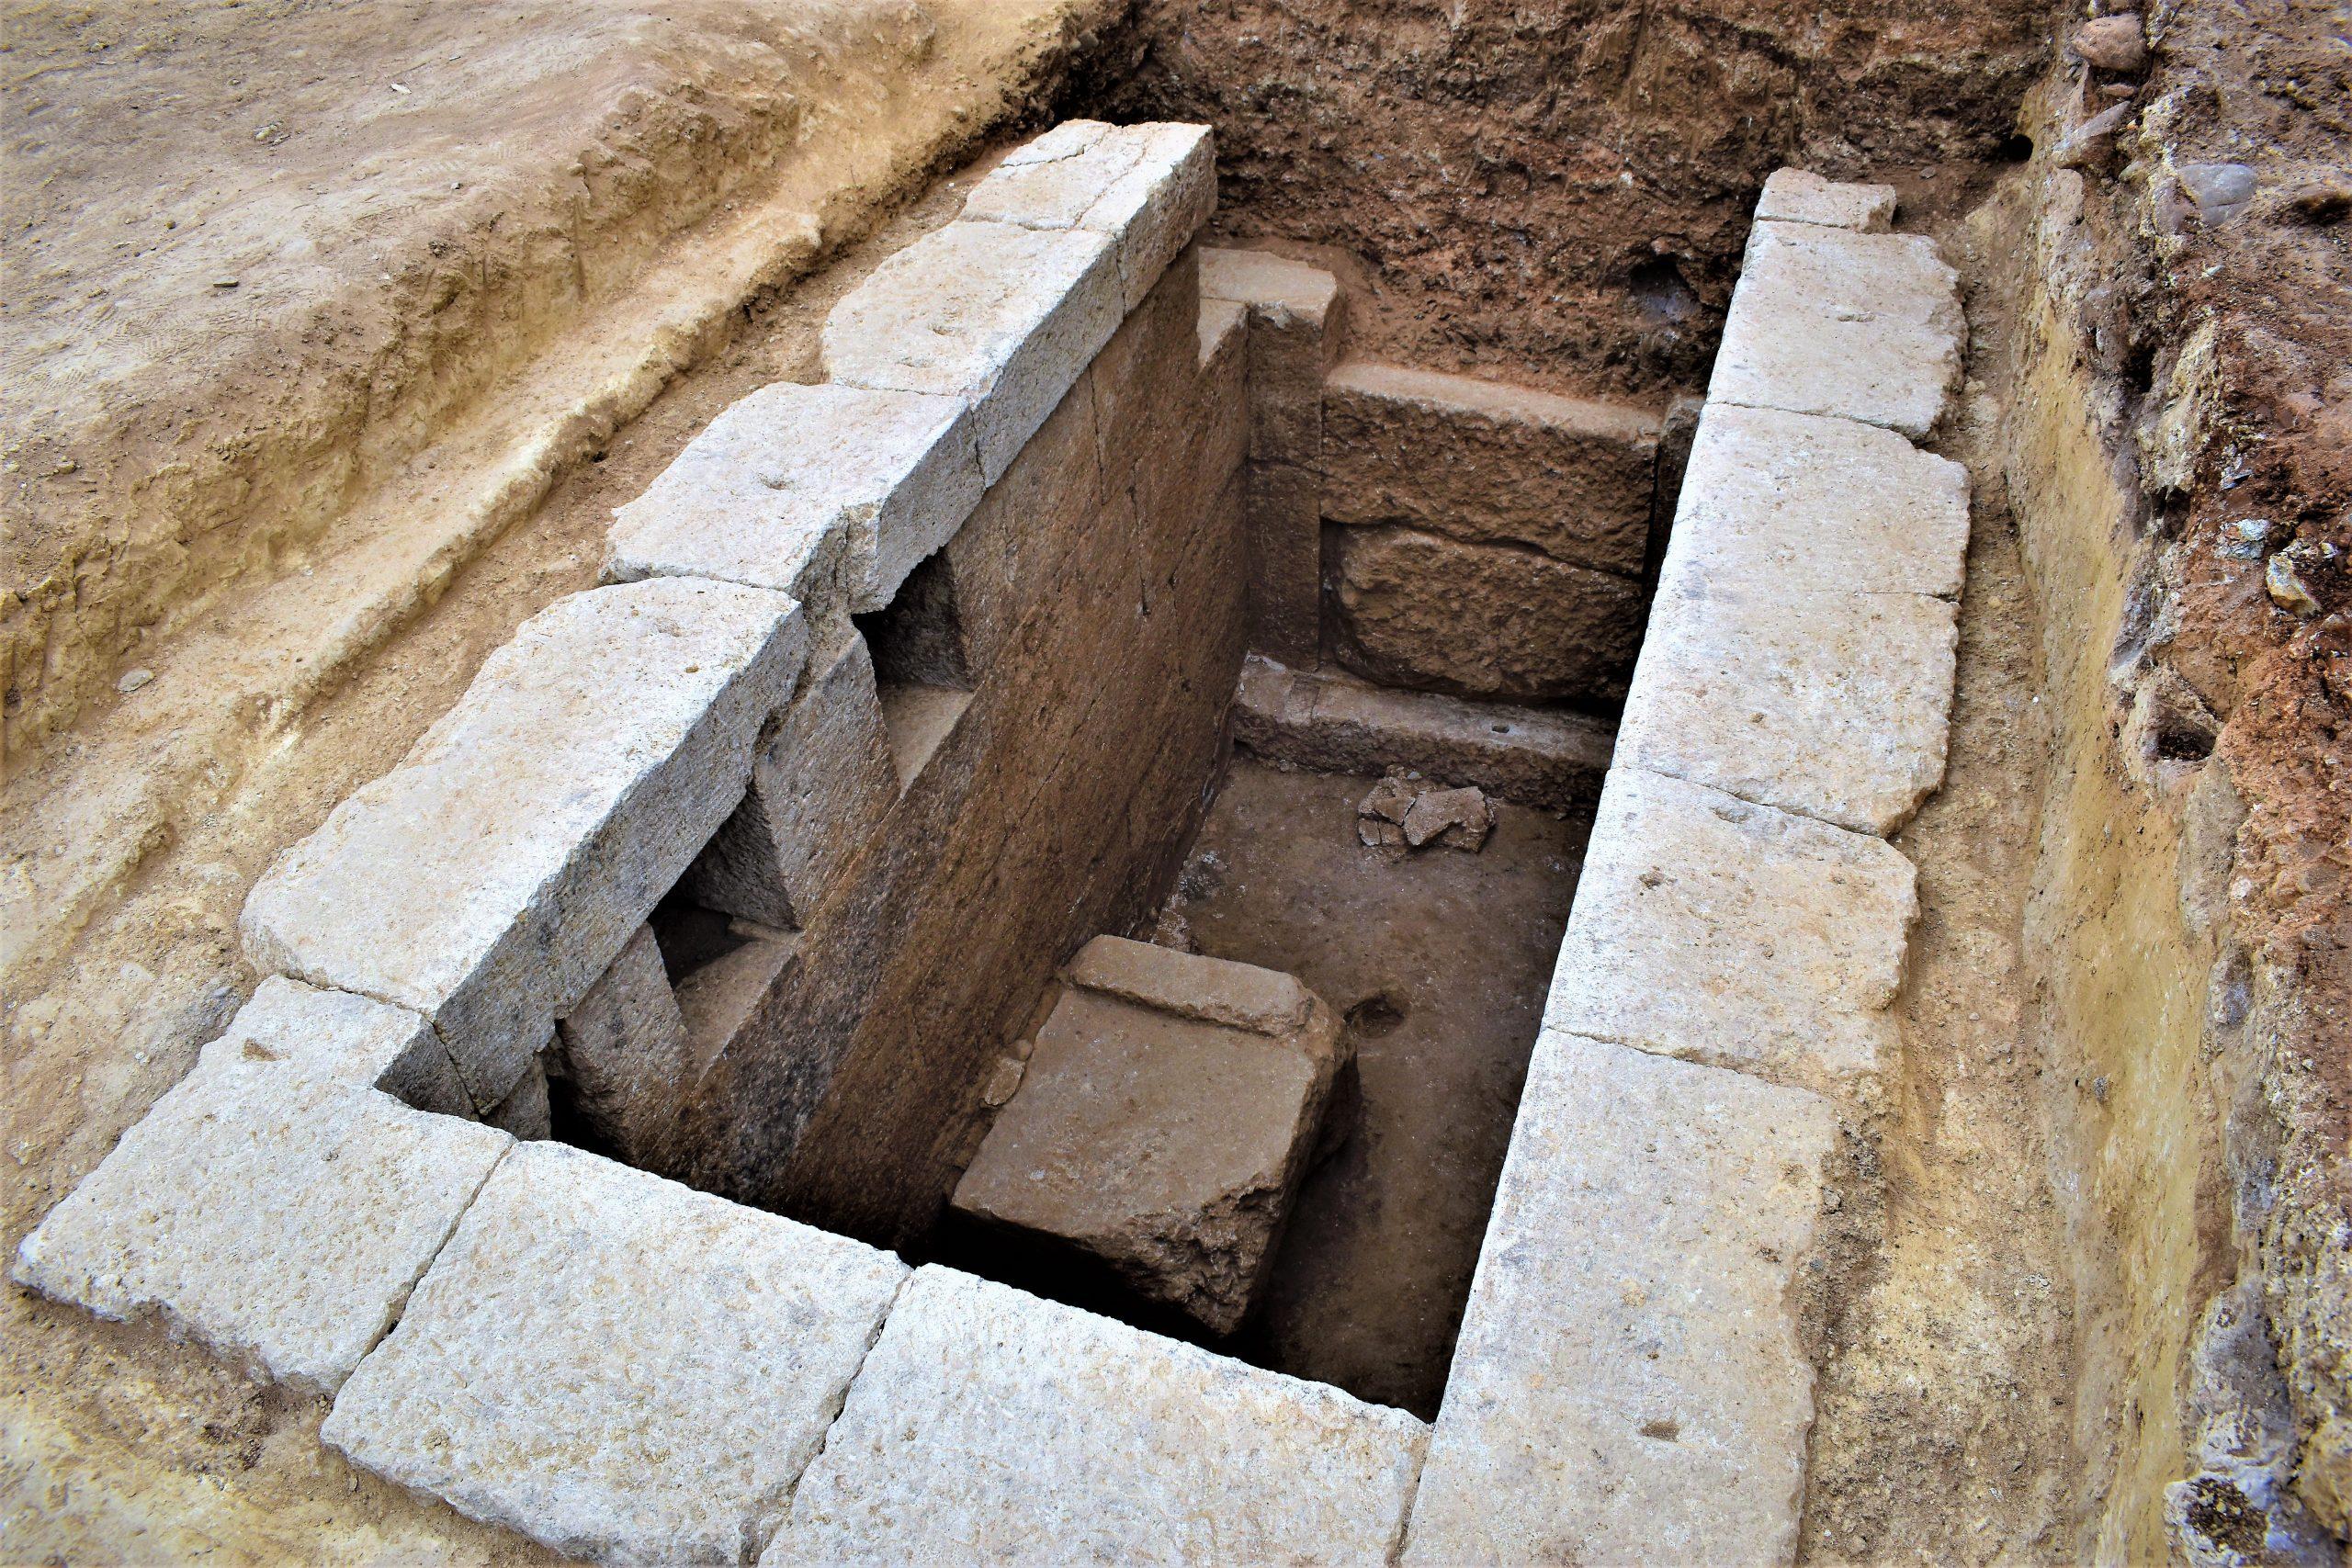 Κιλκίς: Στο «φως» τα μυστικά του ταφικού τύμβου Μεσιά στη χώρα της αρχαίας Ευρωπού – Επιφανούς πολίτη του 3ου αιώνα π.Χ.